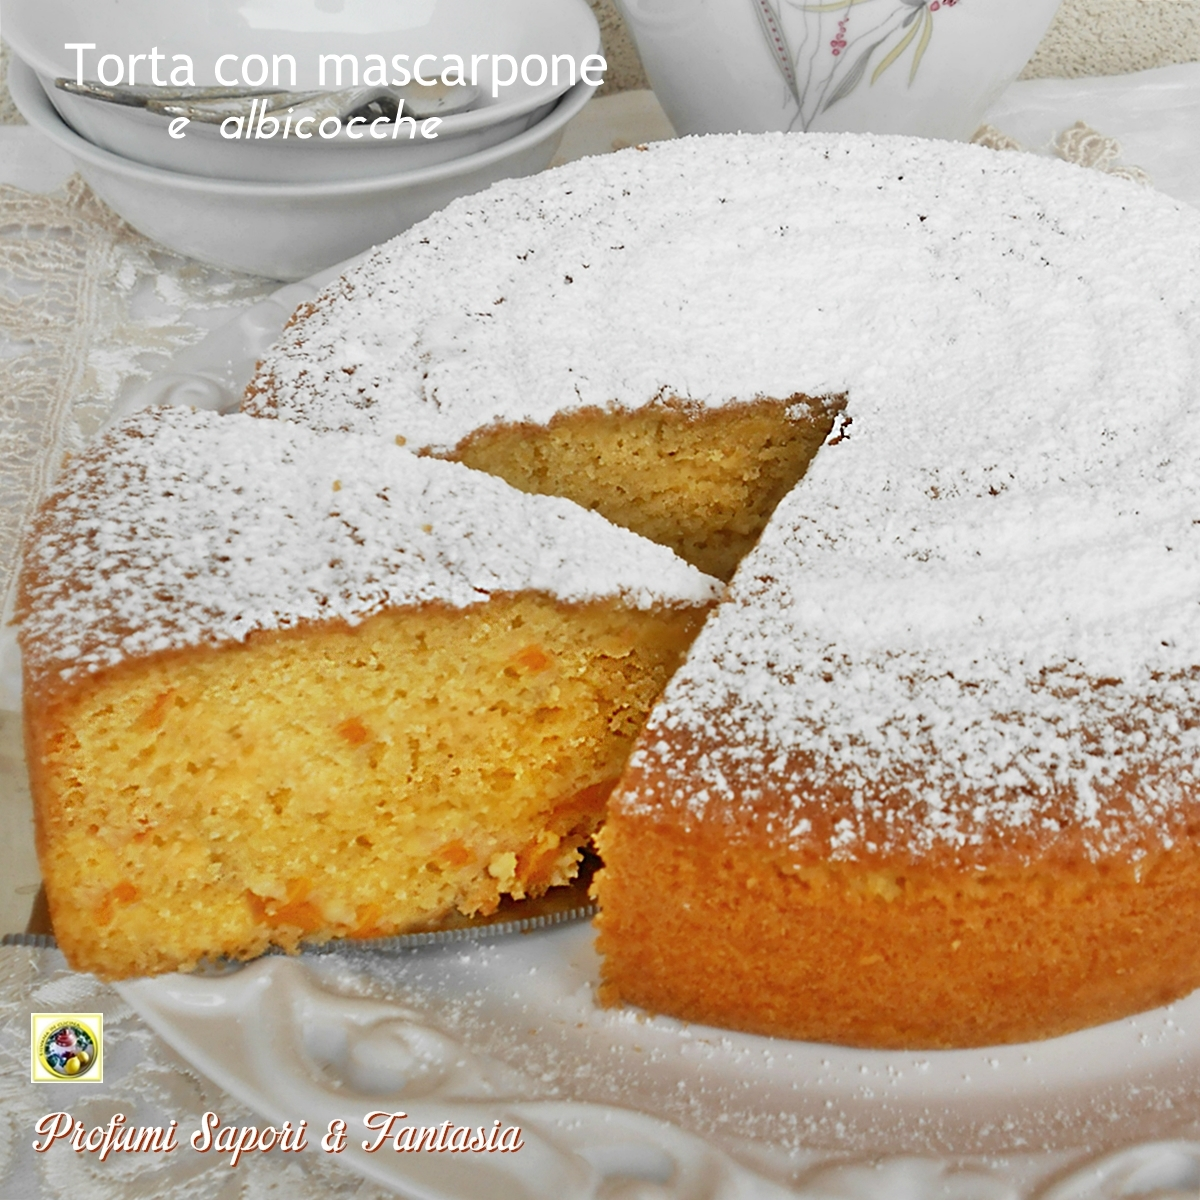 Torta con mascarpone e albicocche Blog Profumi Sapori & Fantasia